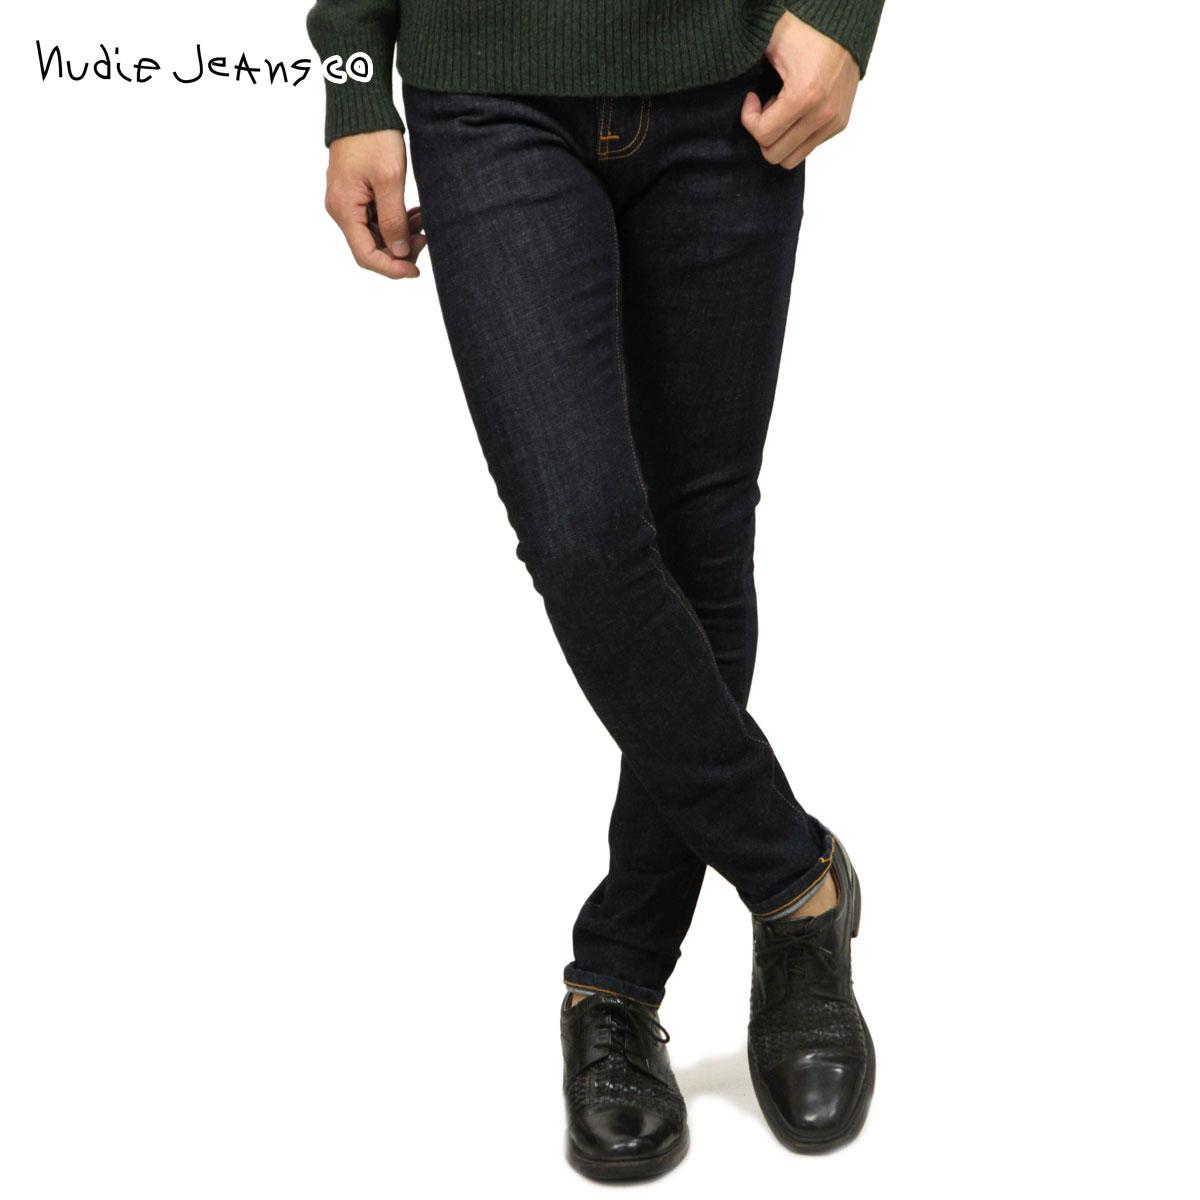 ヌーディージーンズ Nudie Jeans 正規販売店 メンズ ジーンズ タイトテリー TIGHT TERRY807 1124550 807 DENIM JEANS RINSE TWILL